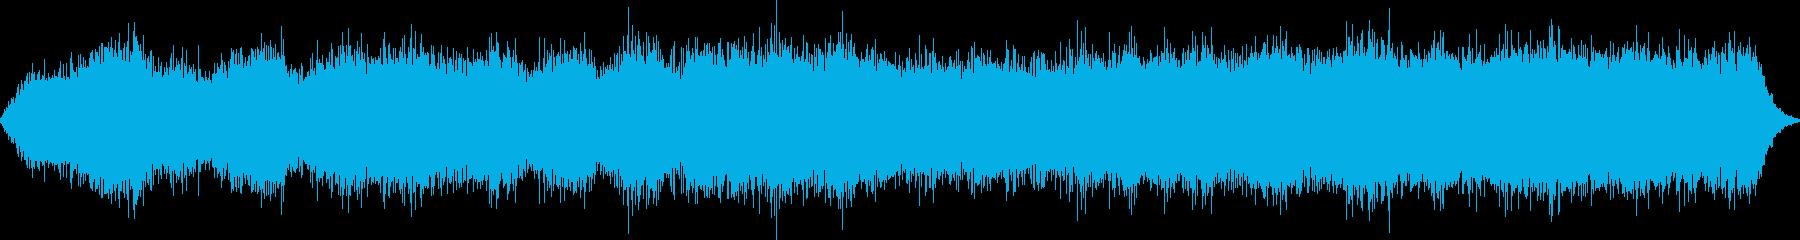 水の音のするホラーアンビエントの再生済みの波形